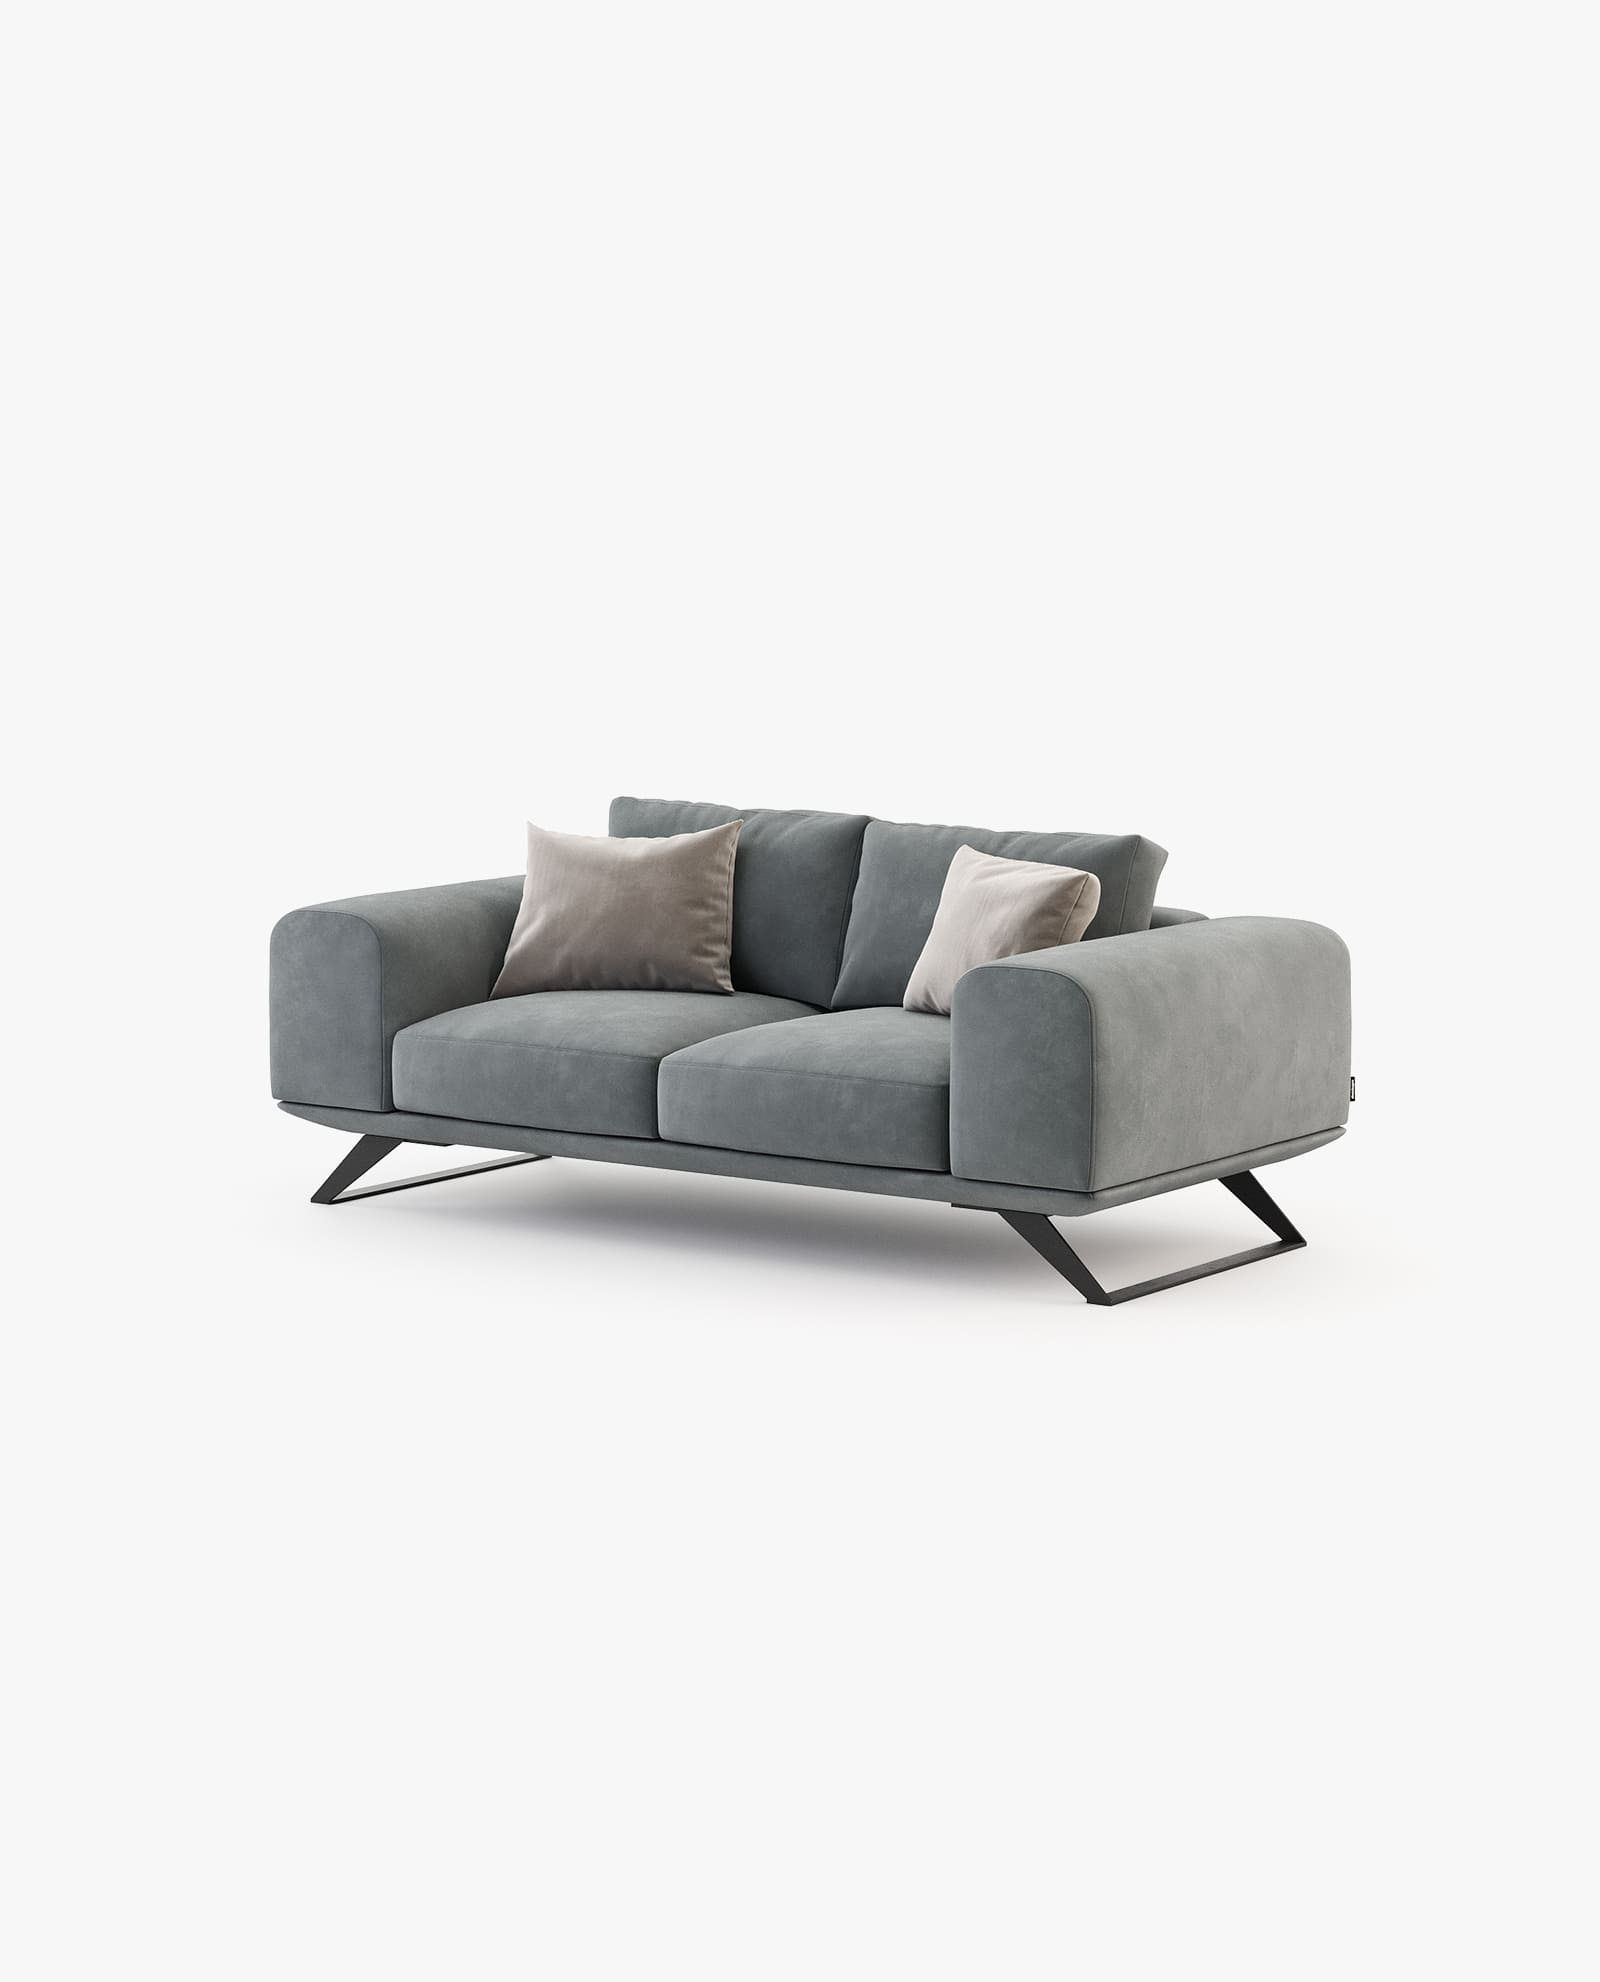 sofá 2 lugares em veludo cinza